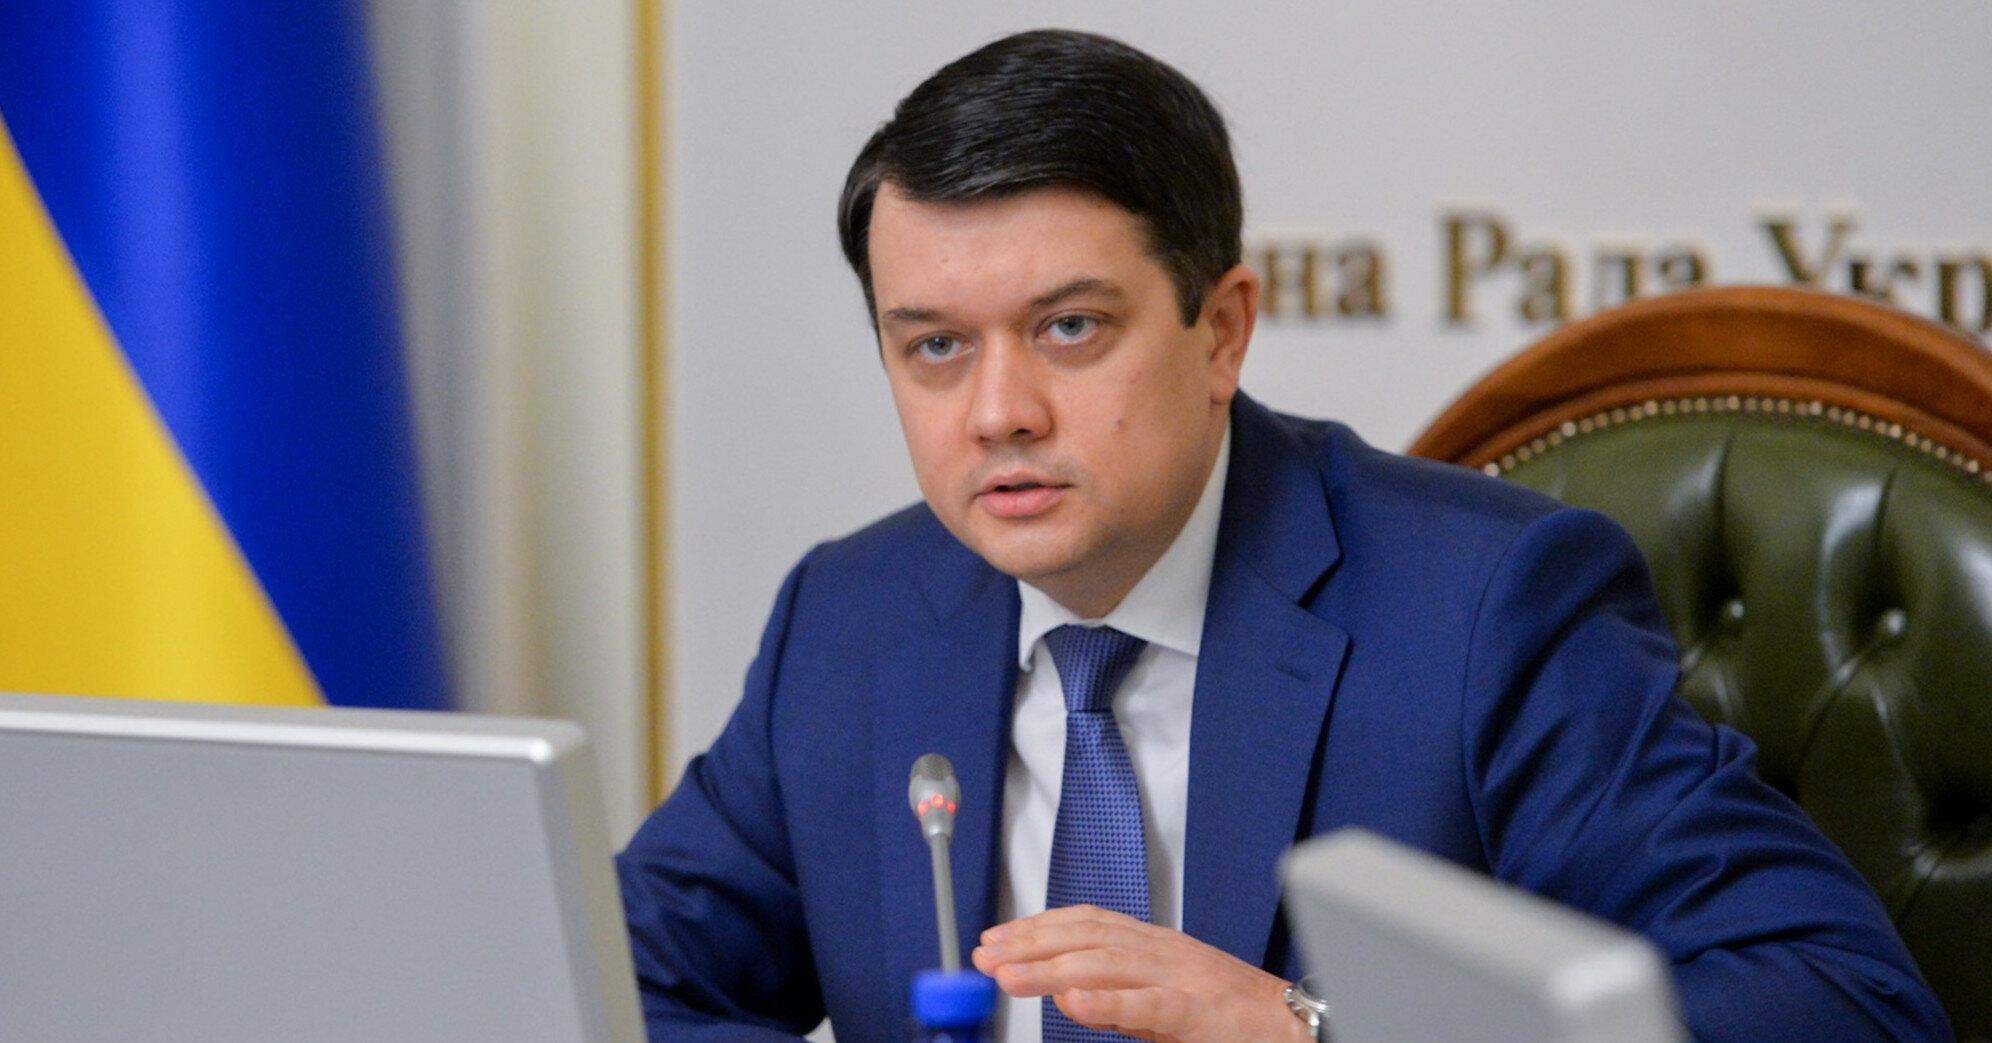 Разумков рассказал, смогут ли отменить компенсации на жилье нардепам